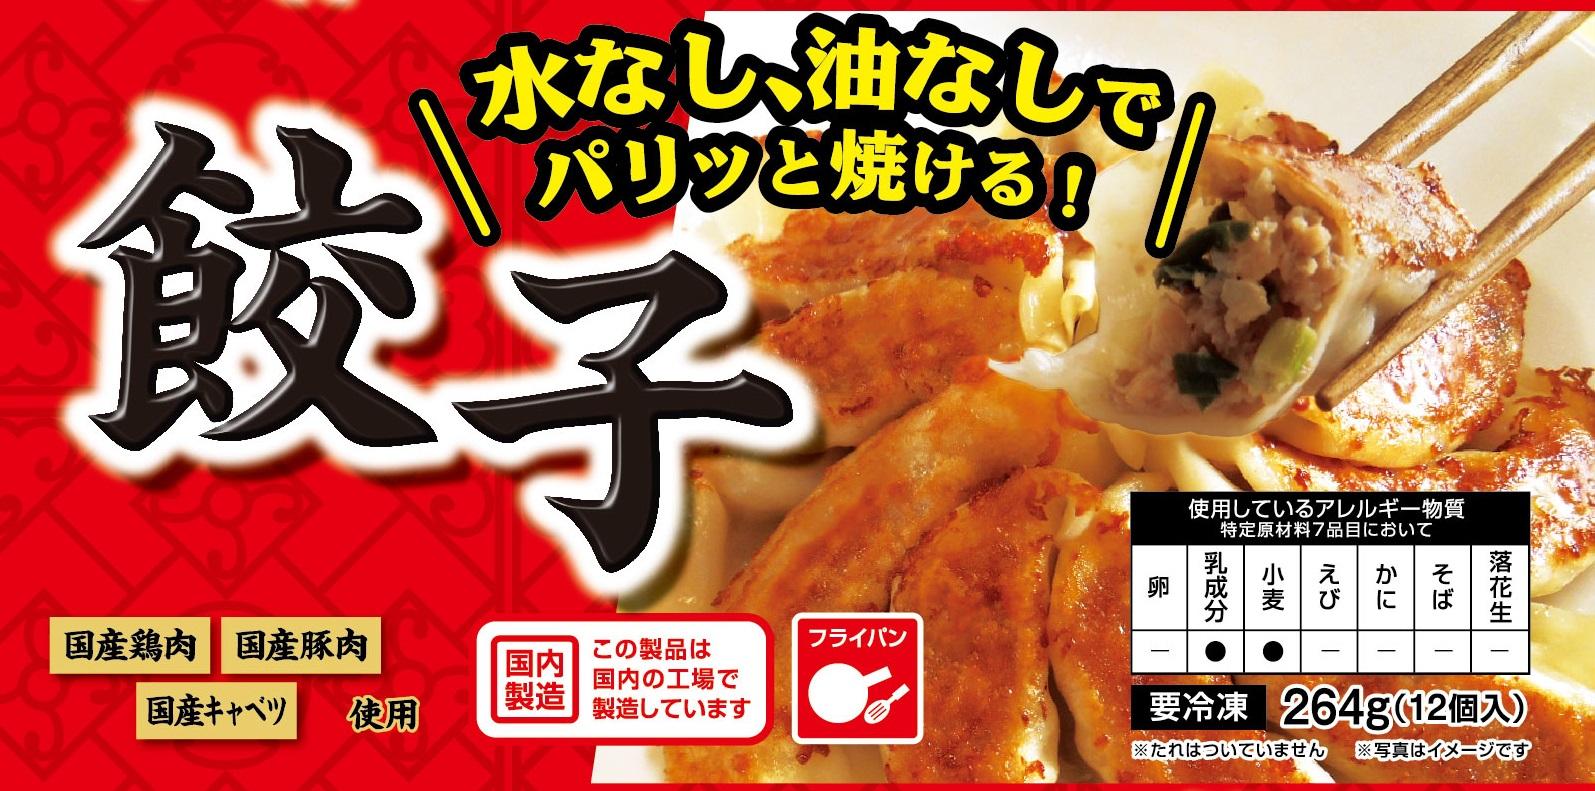 商品名:餃子